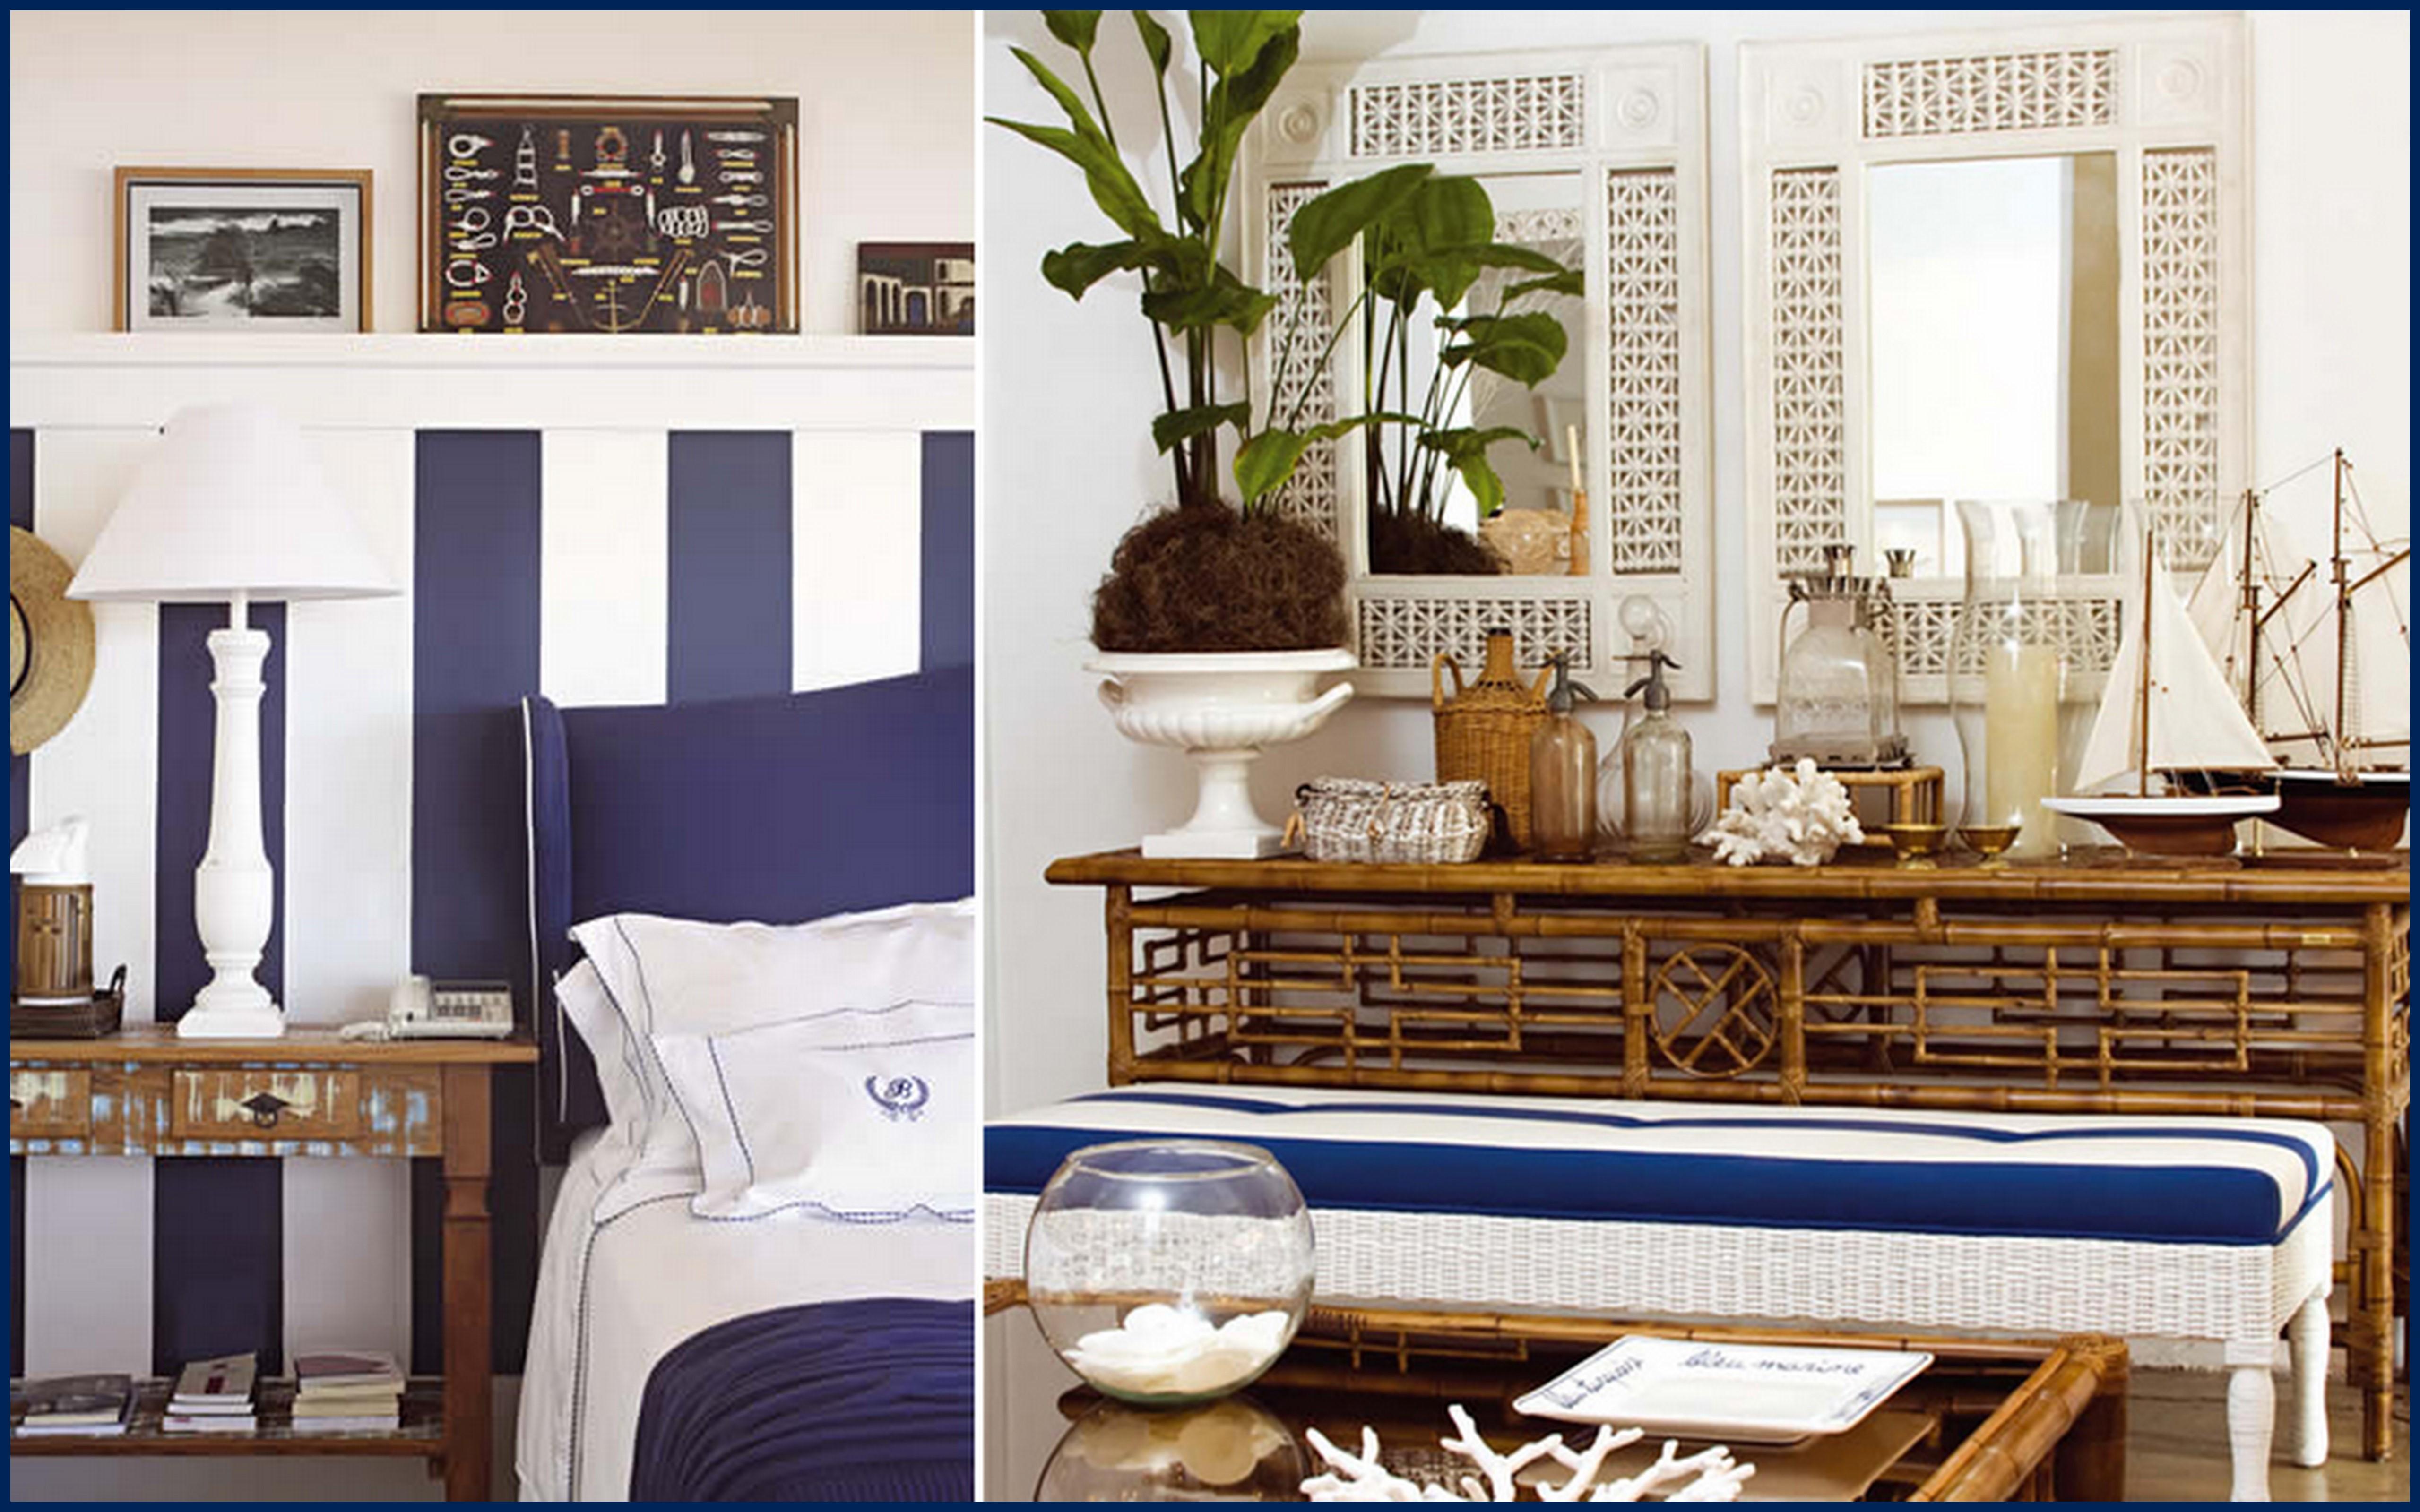 decoracao de interiores estilo tradicional : decoracao de interiores estilo tradicional:opção para dar um clima de descontração para a casa